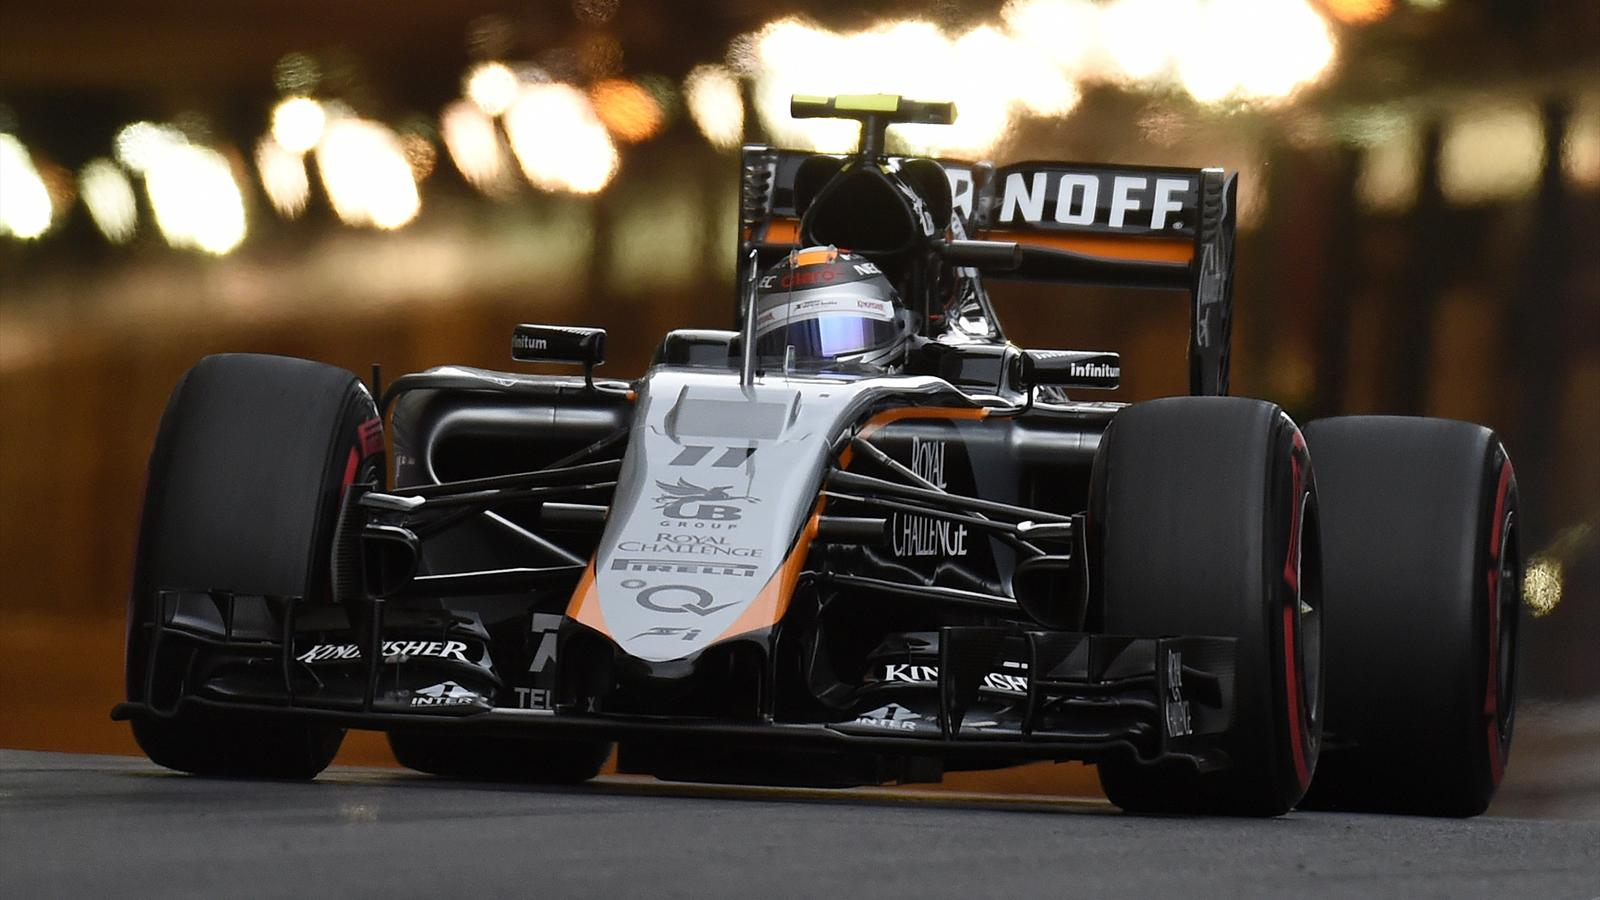 Spécial Sebastian Vettel (Formule un) - Page 20 1574621-33489802-1600-900